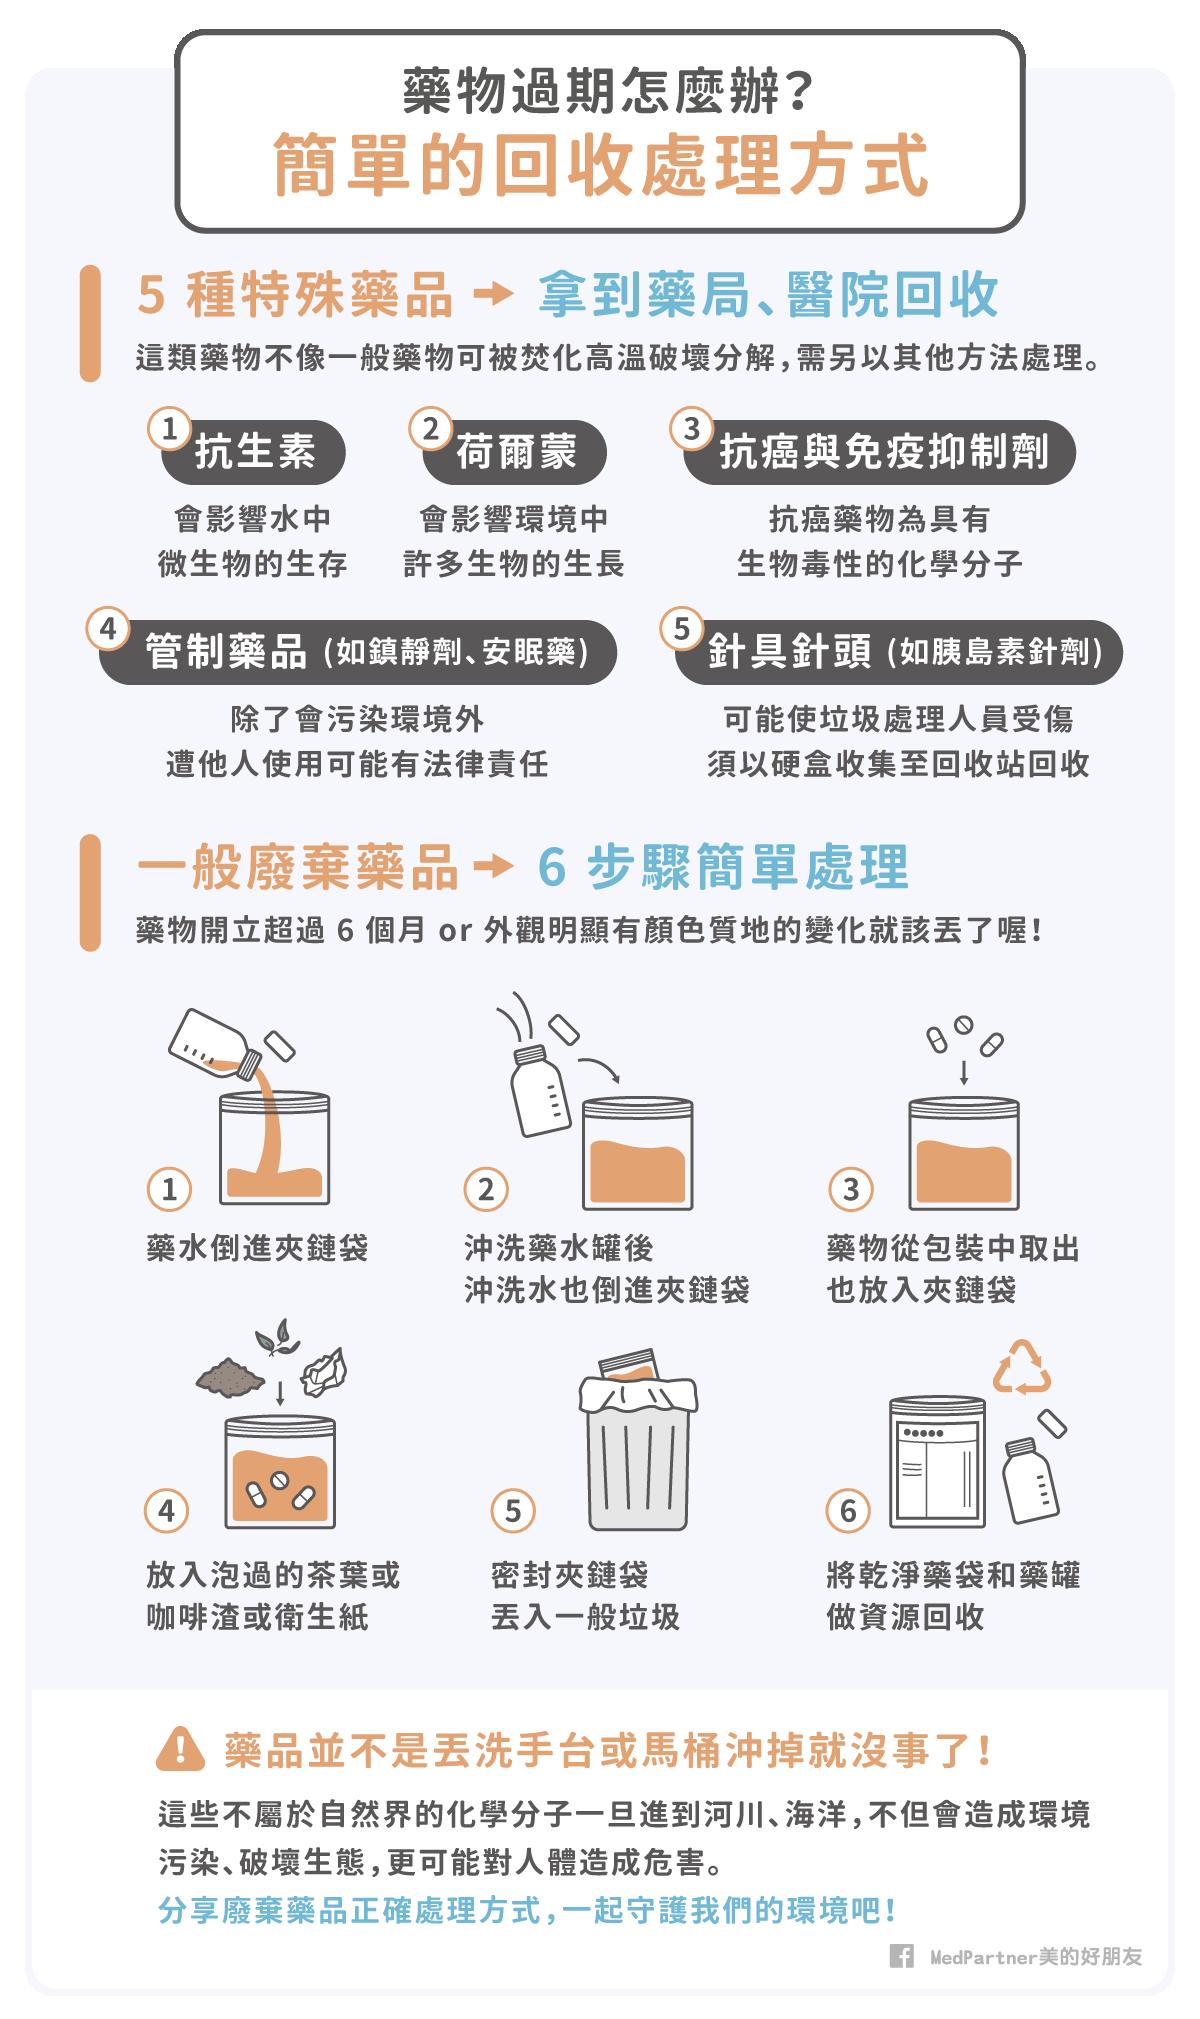 過期藥物如何回收處理_總整理